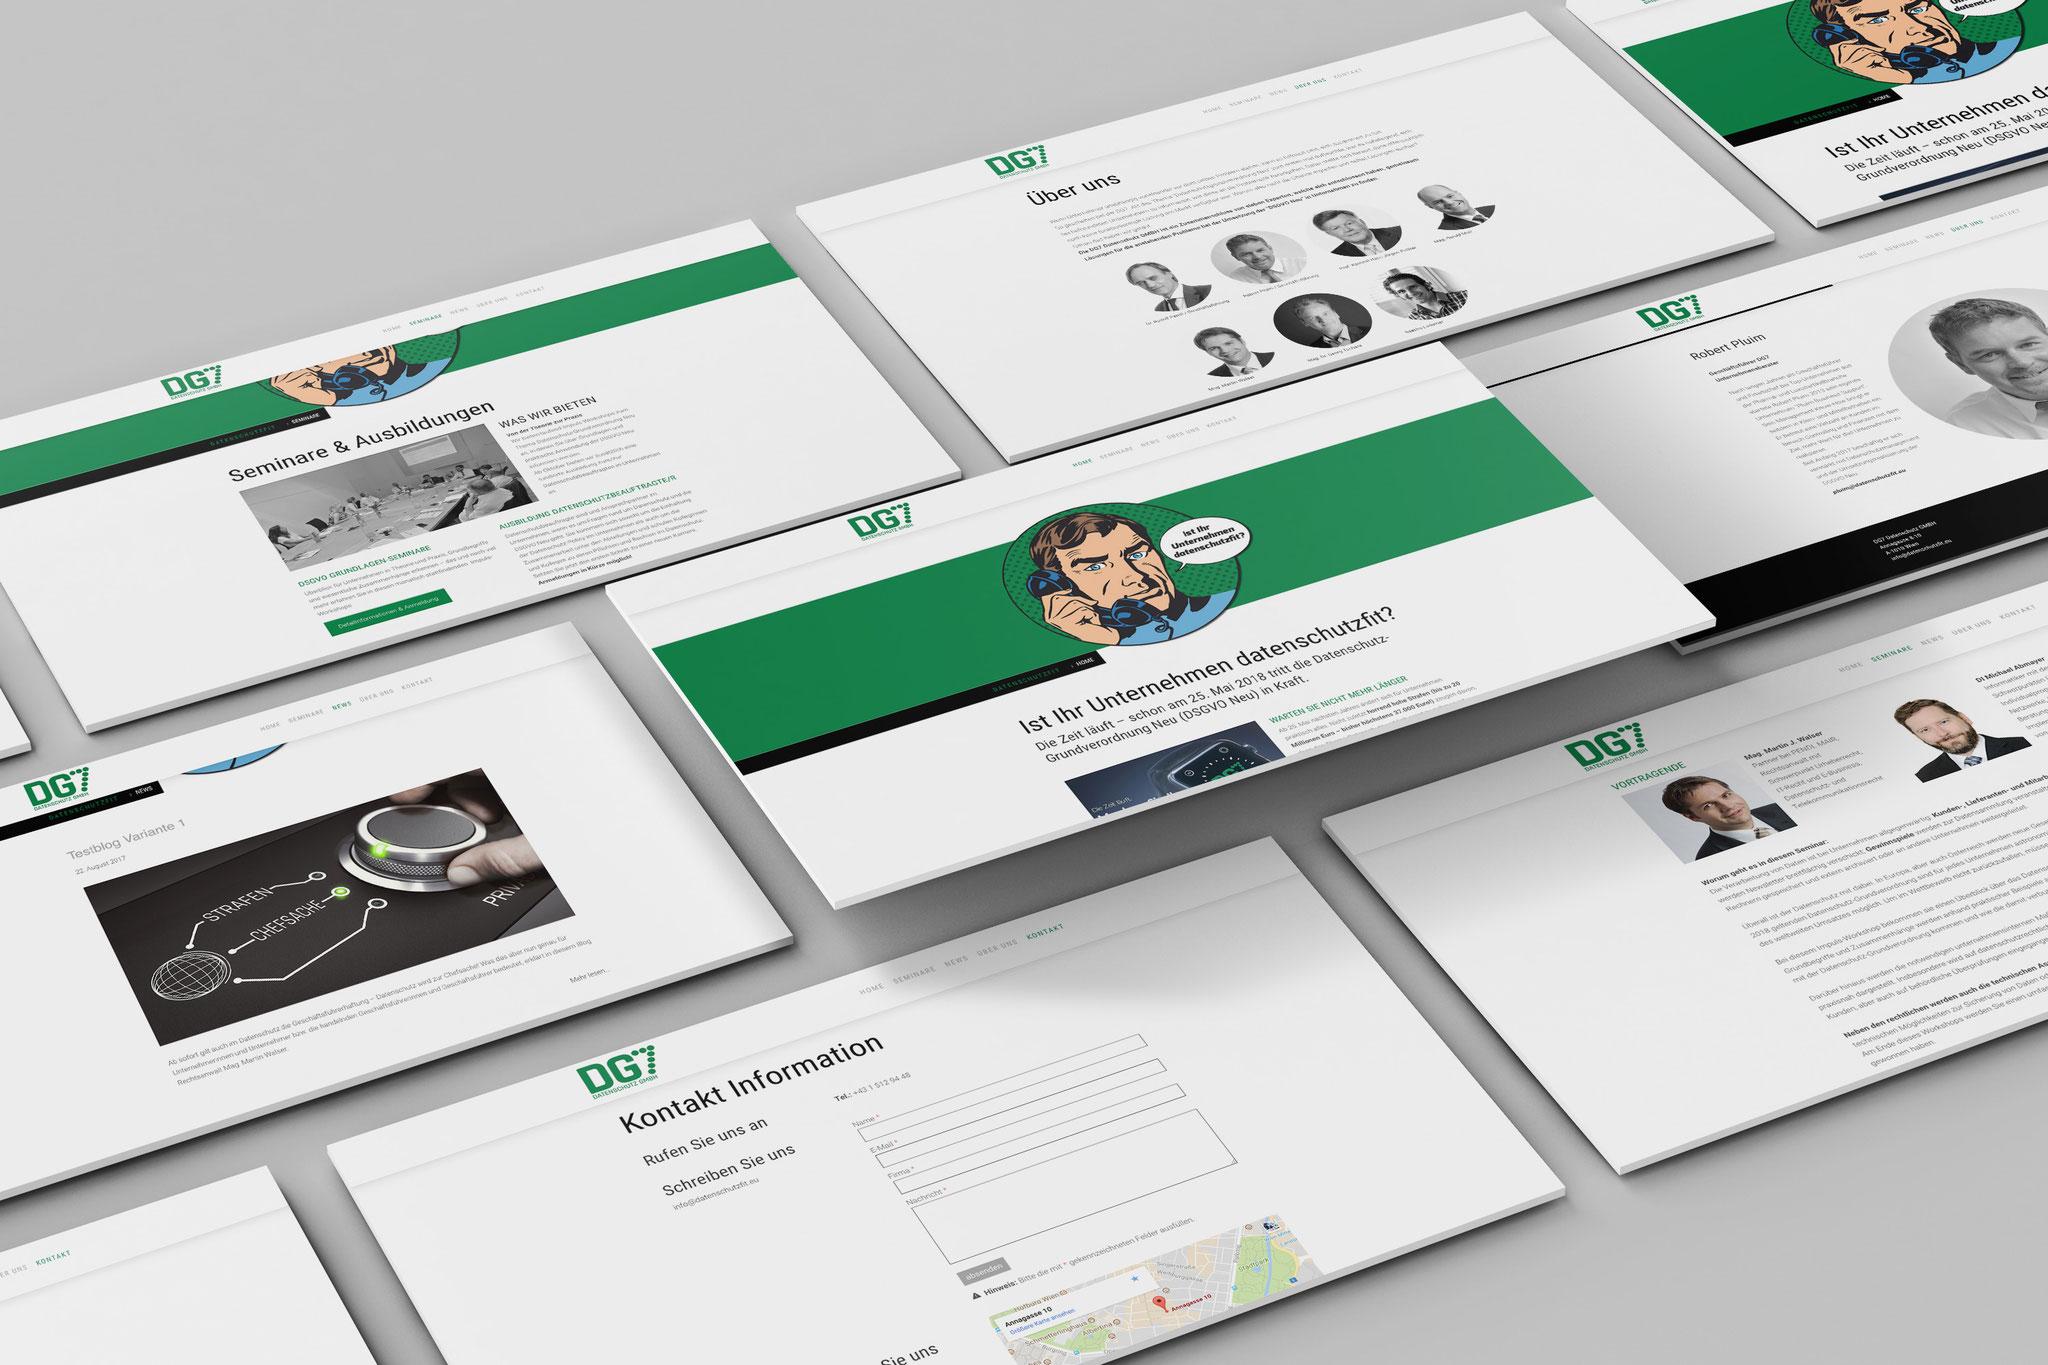 DG7 – www.datenschutzfit.eu – Webdesign/Screendesign